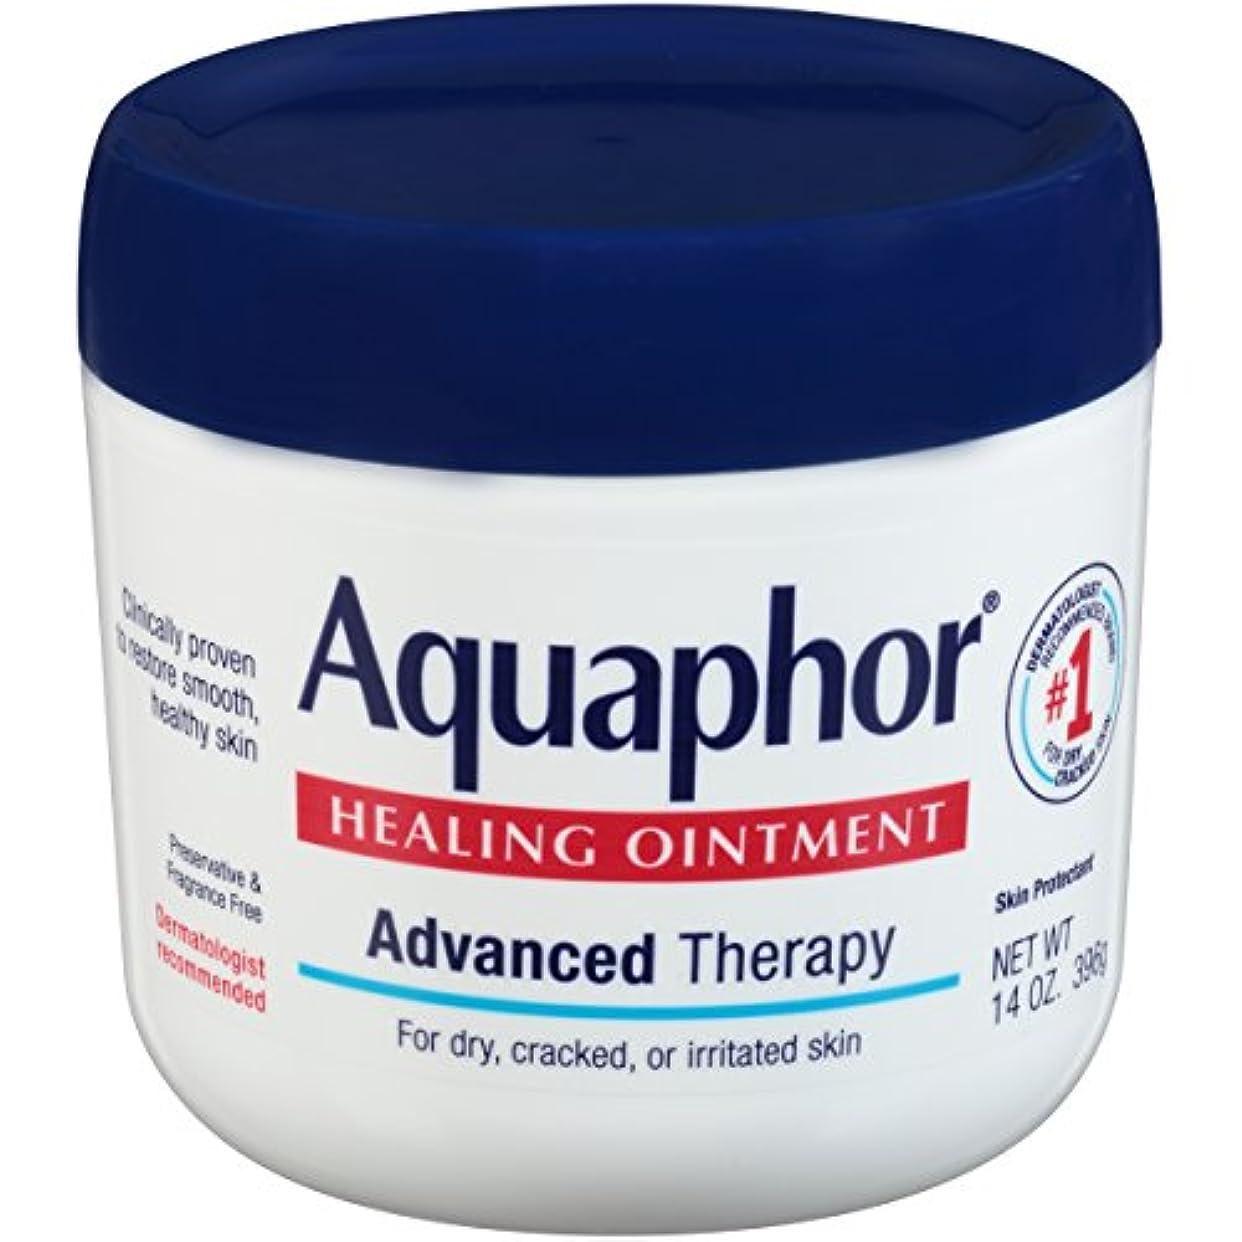 繊毛注入する驚き海外直送品Aquaphor Advanced Therapy Healing Ointment, 14 oz by Aquaphor